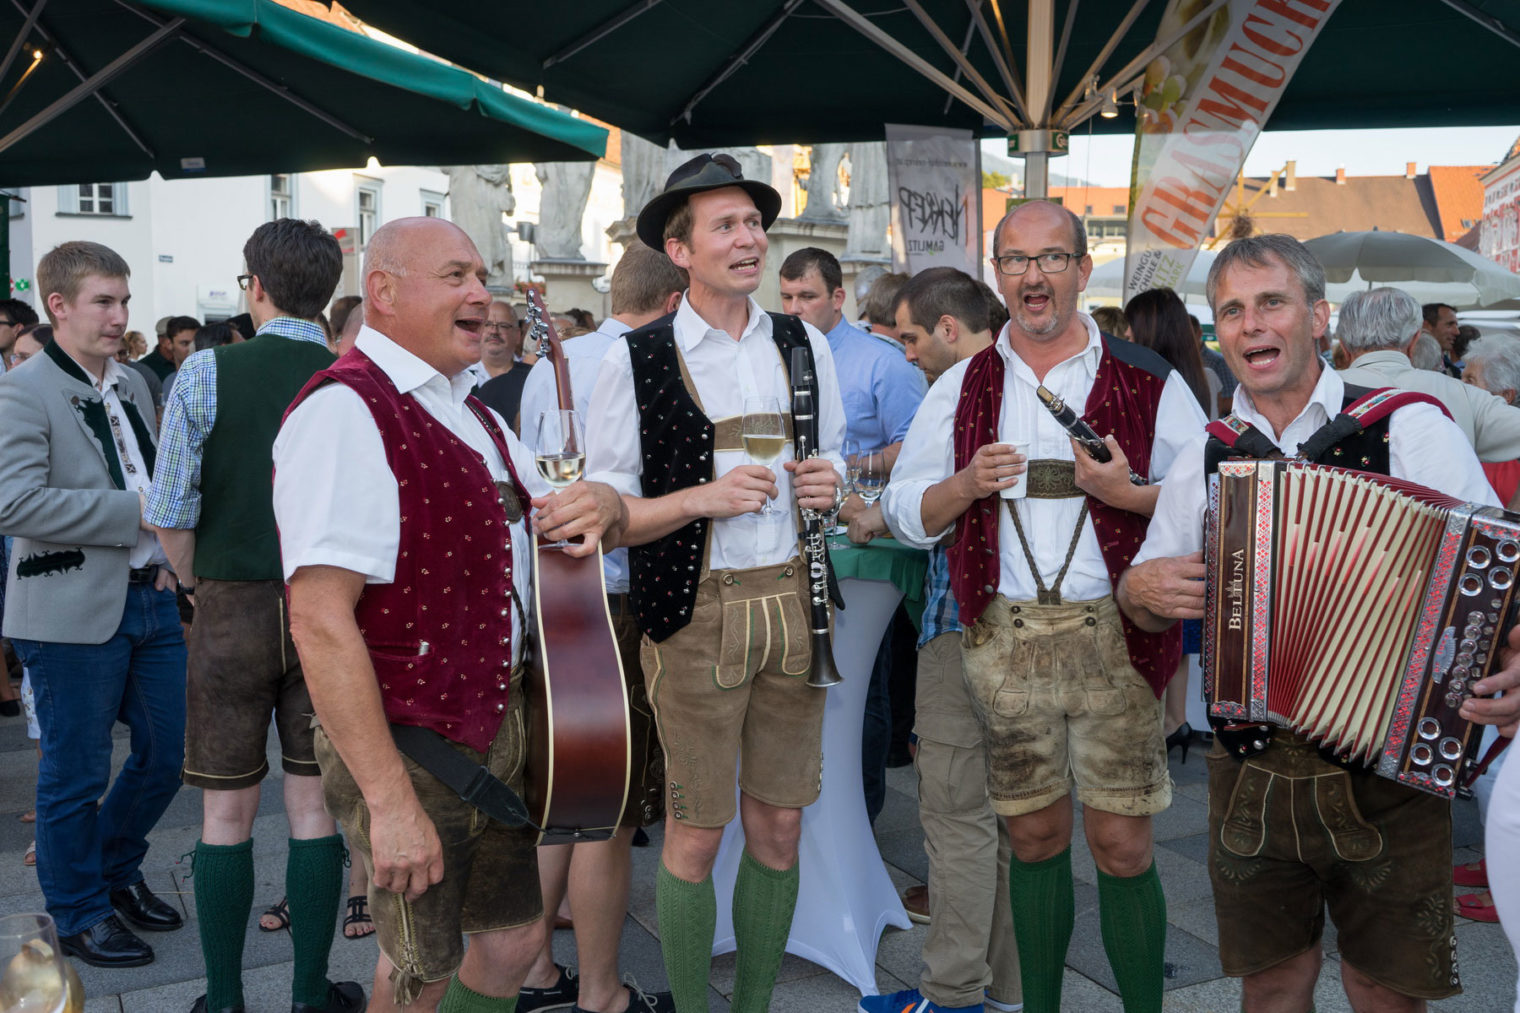 Wine Festival in the main square